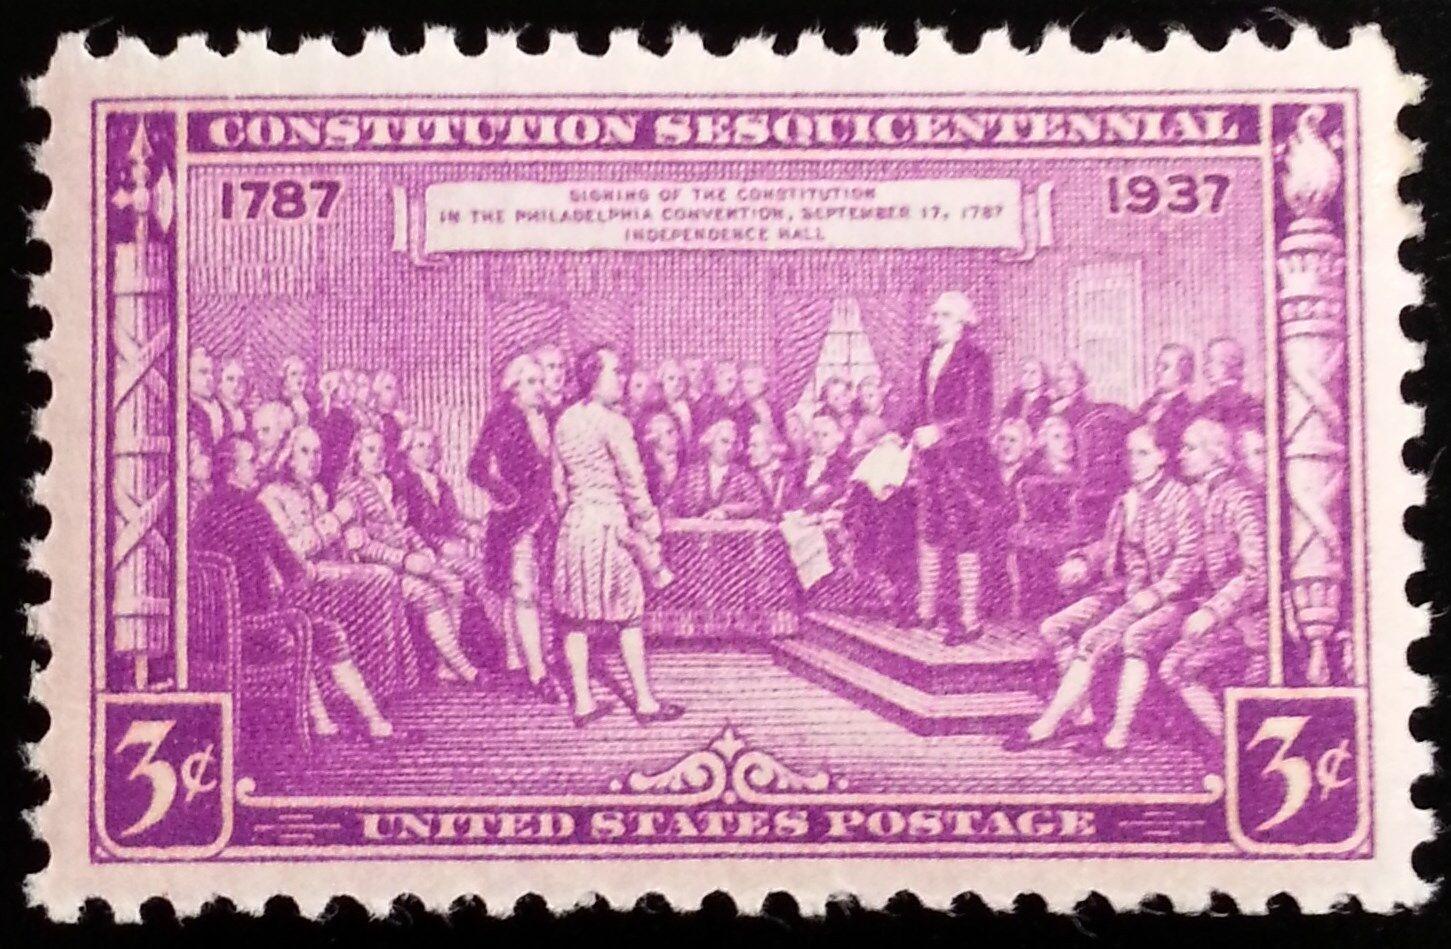 1937 3c Constitution Signing, 150th Anniversary Scott 7